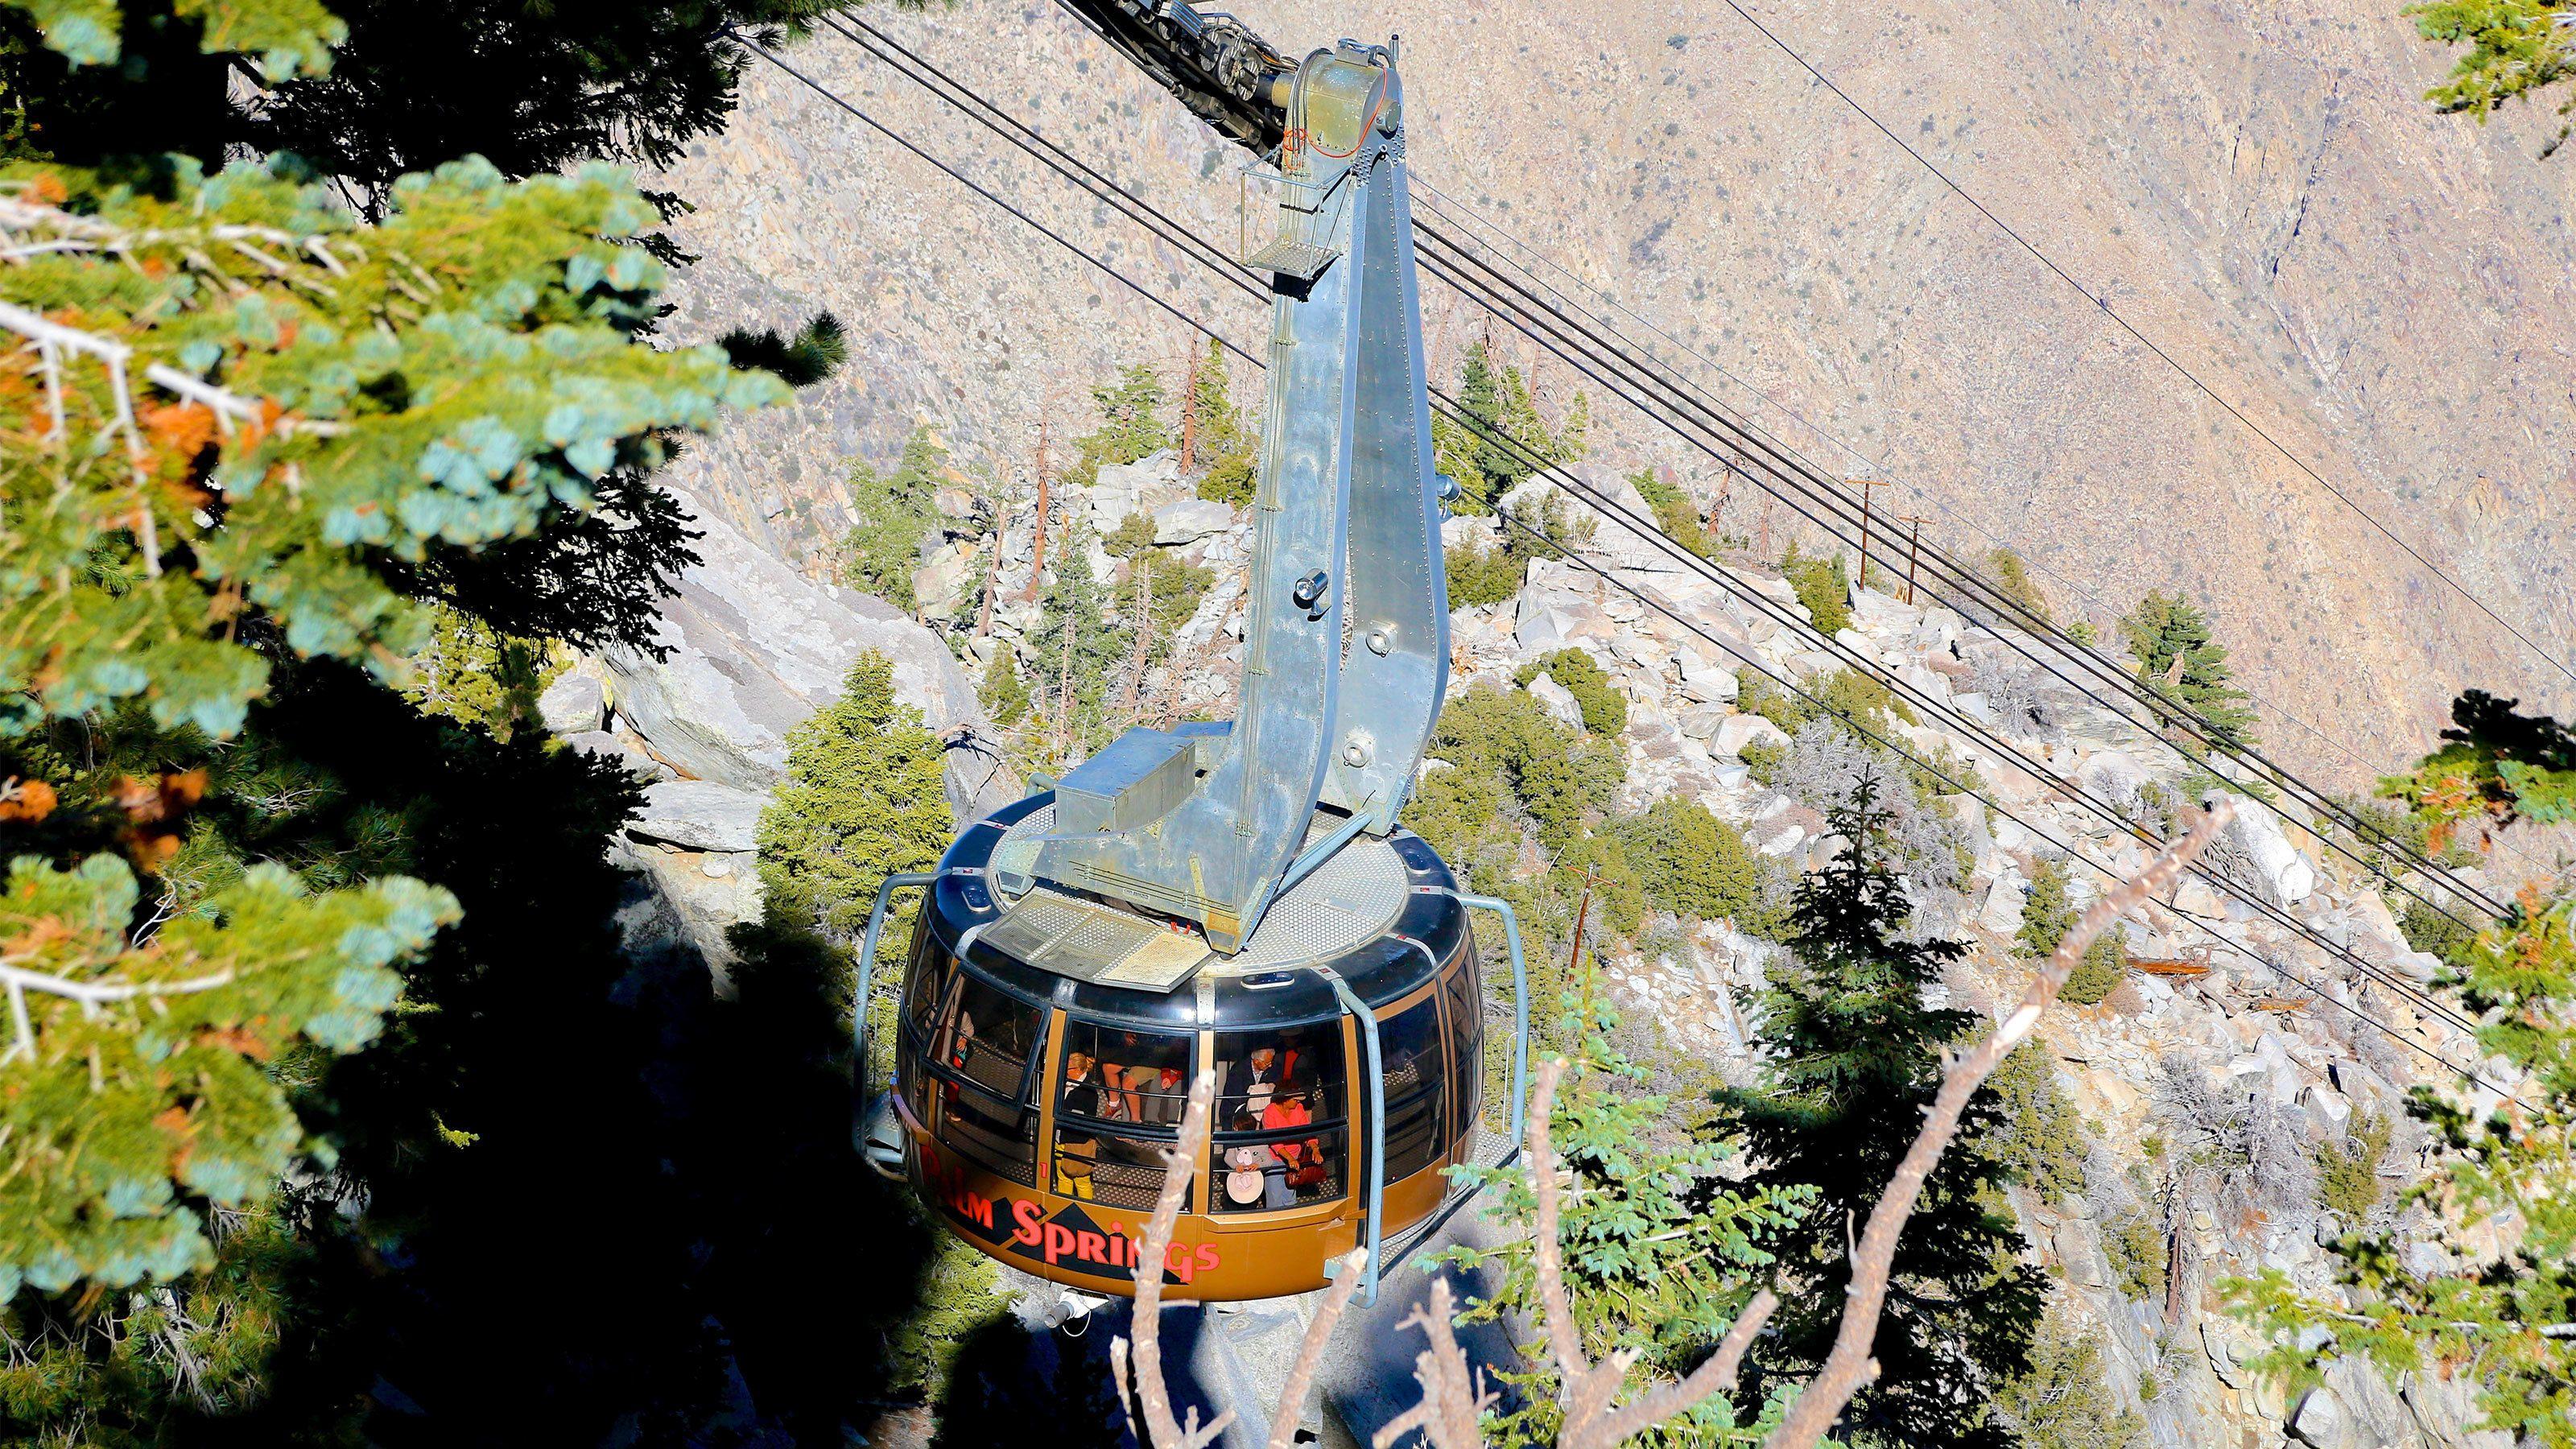 Aerial Tram in Palm Springs